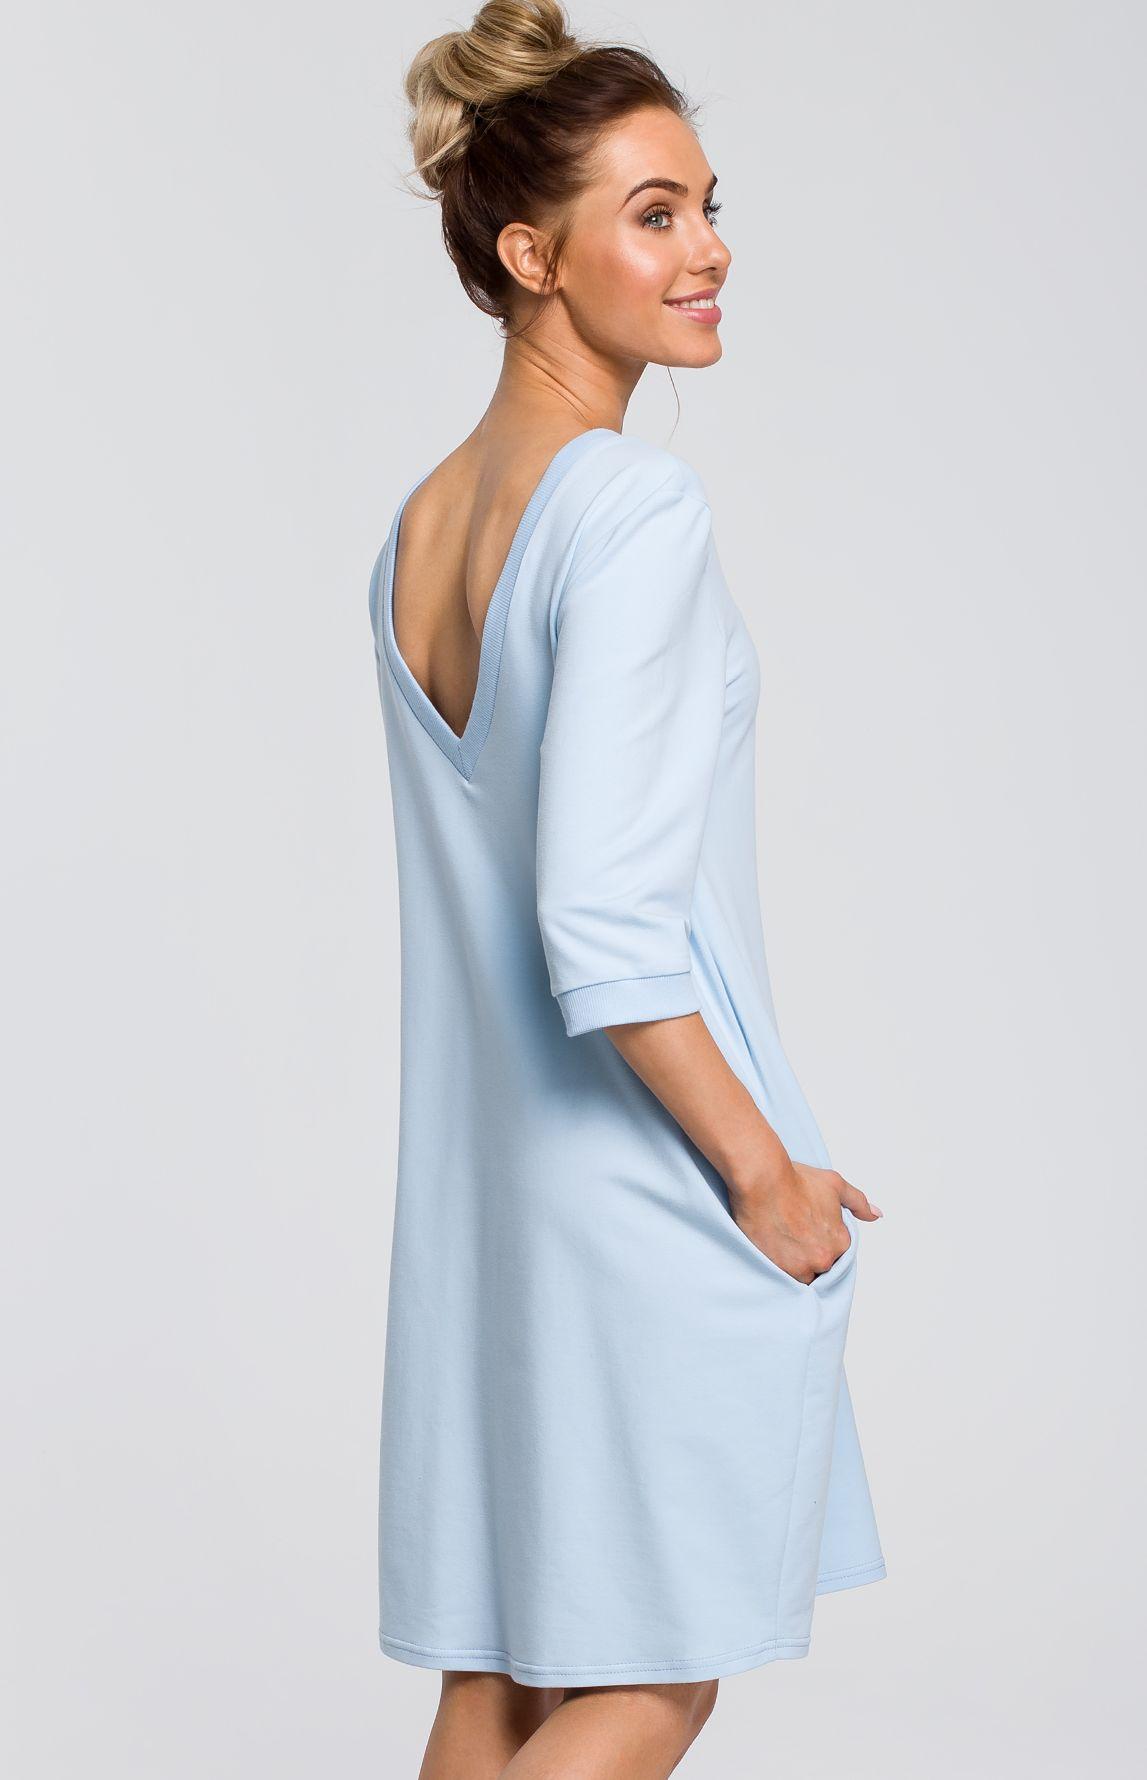 meilleur service 97124 deeca Robe sweat oversize bleu clair